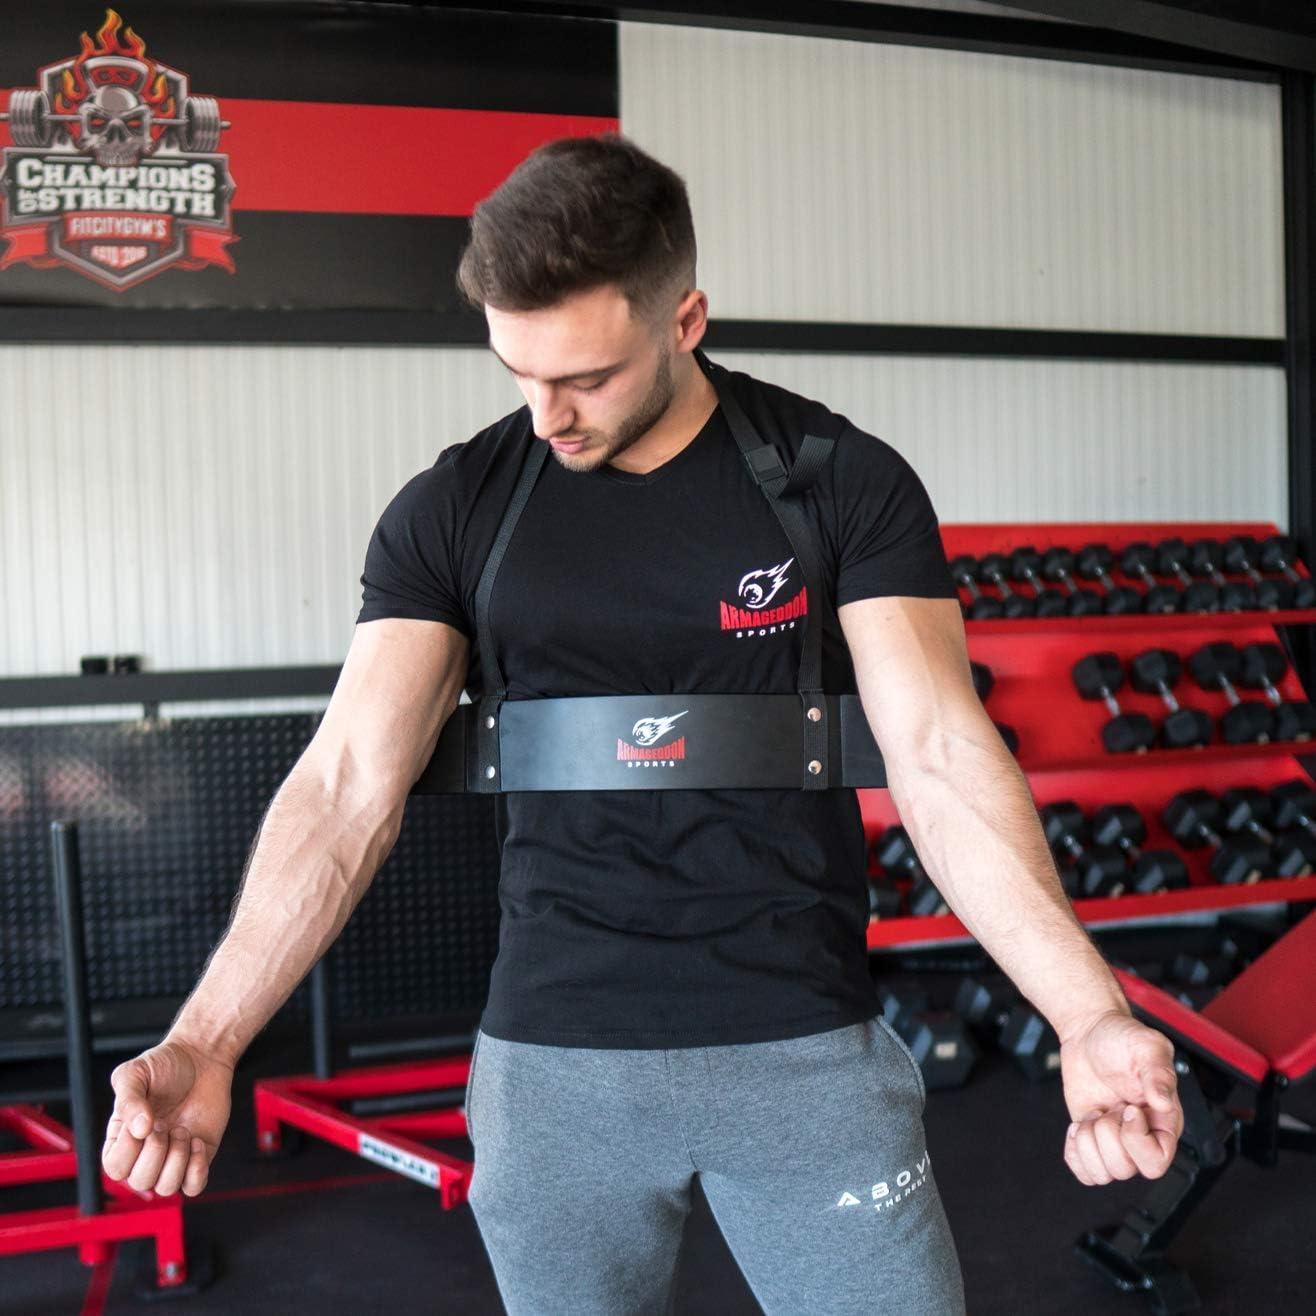 Premium Arm Blaster + BONUS Premium Lifting Straps, Biceps Aislador Blaster Bomber Levantamiento de Pesas Arm Curl